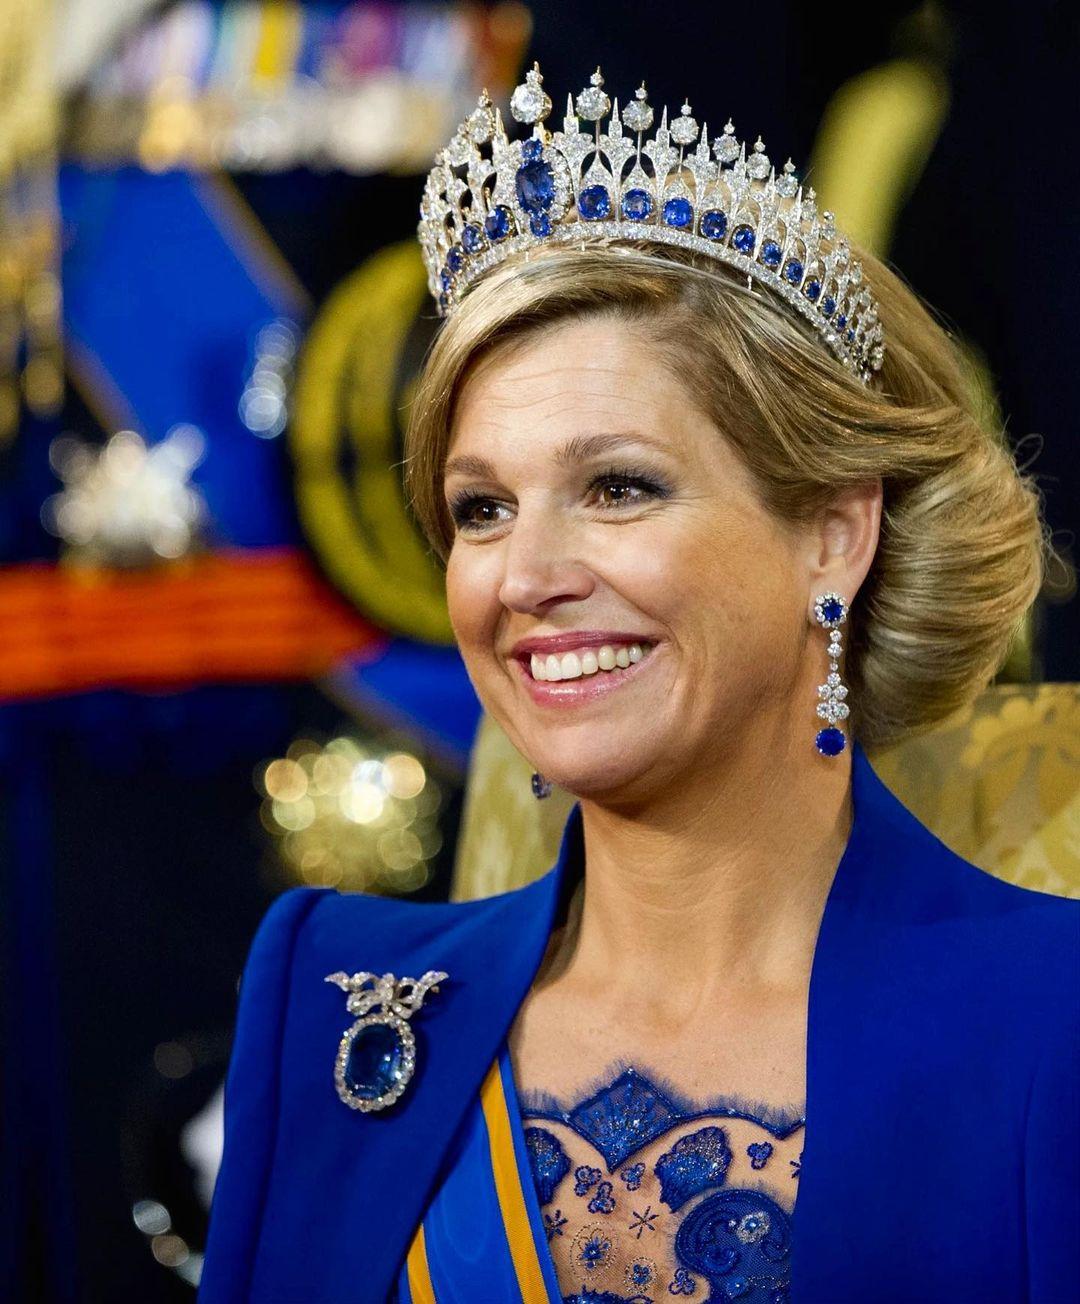 الملكة ماكسيما بتاج من الماس والياقوت الأزرق